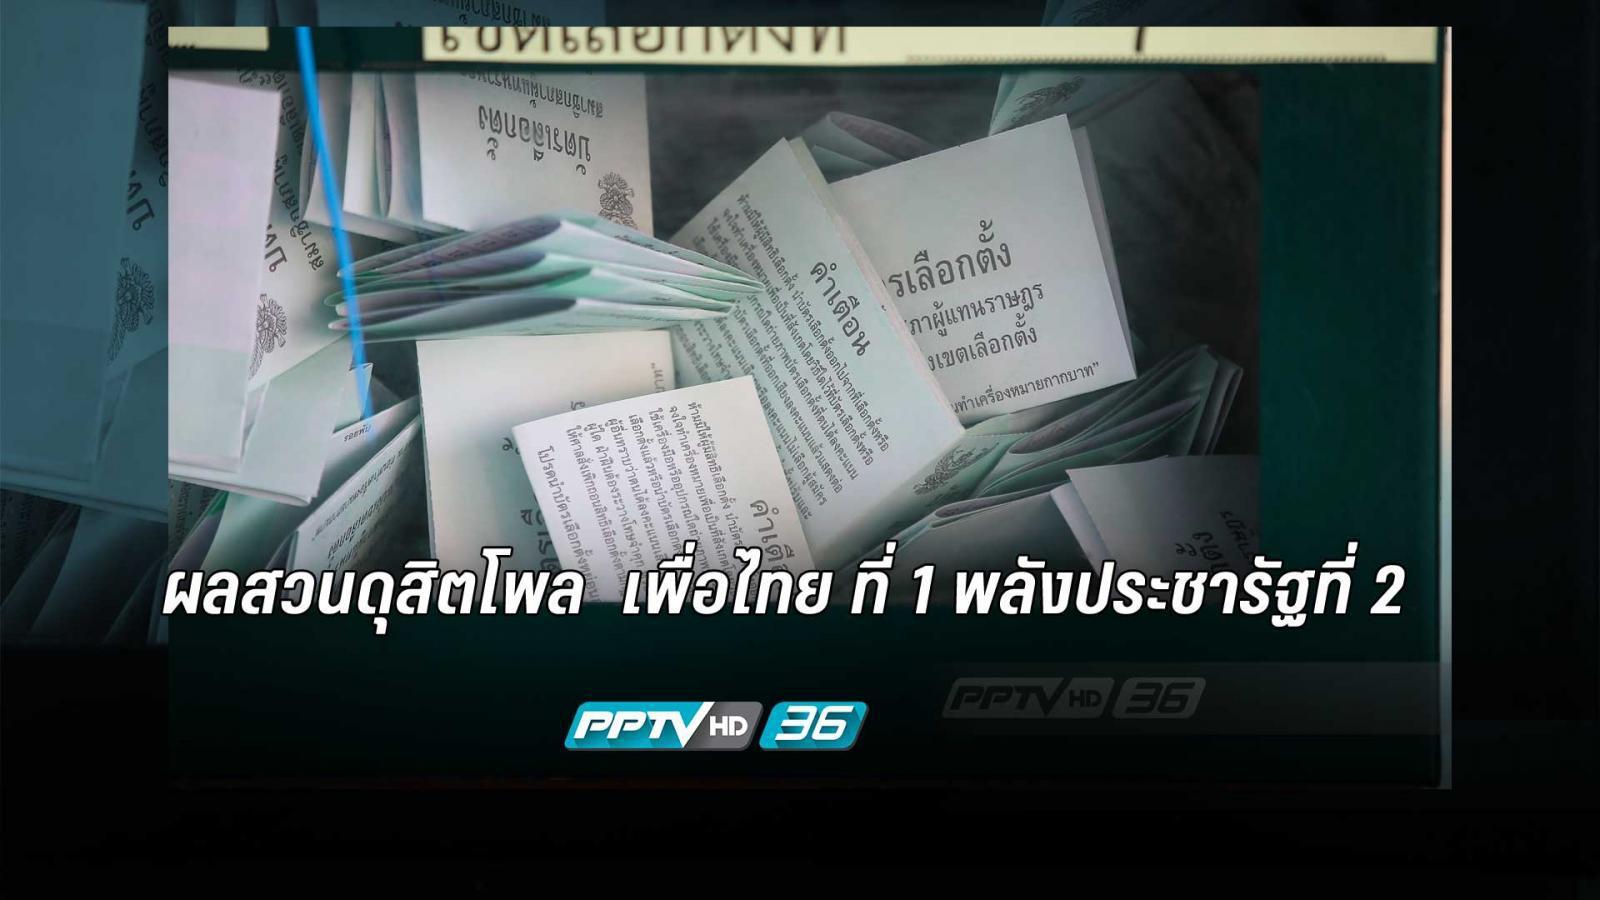 ผลสวนดุสิตโพล  เพื่อไทย ที่ 1 พลังประชารัฐที่ 2